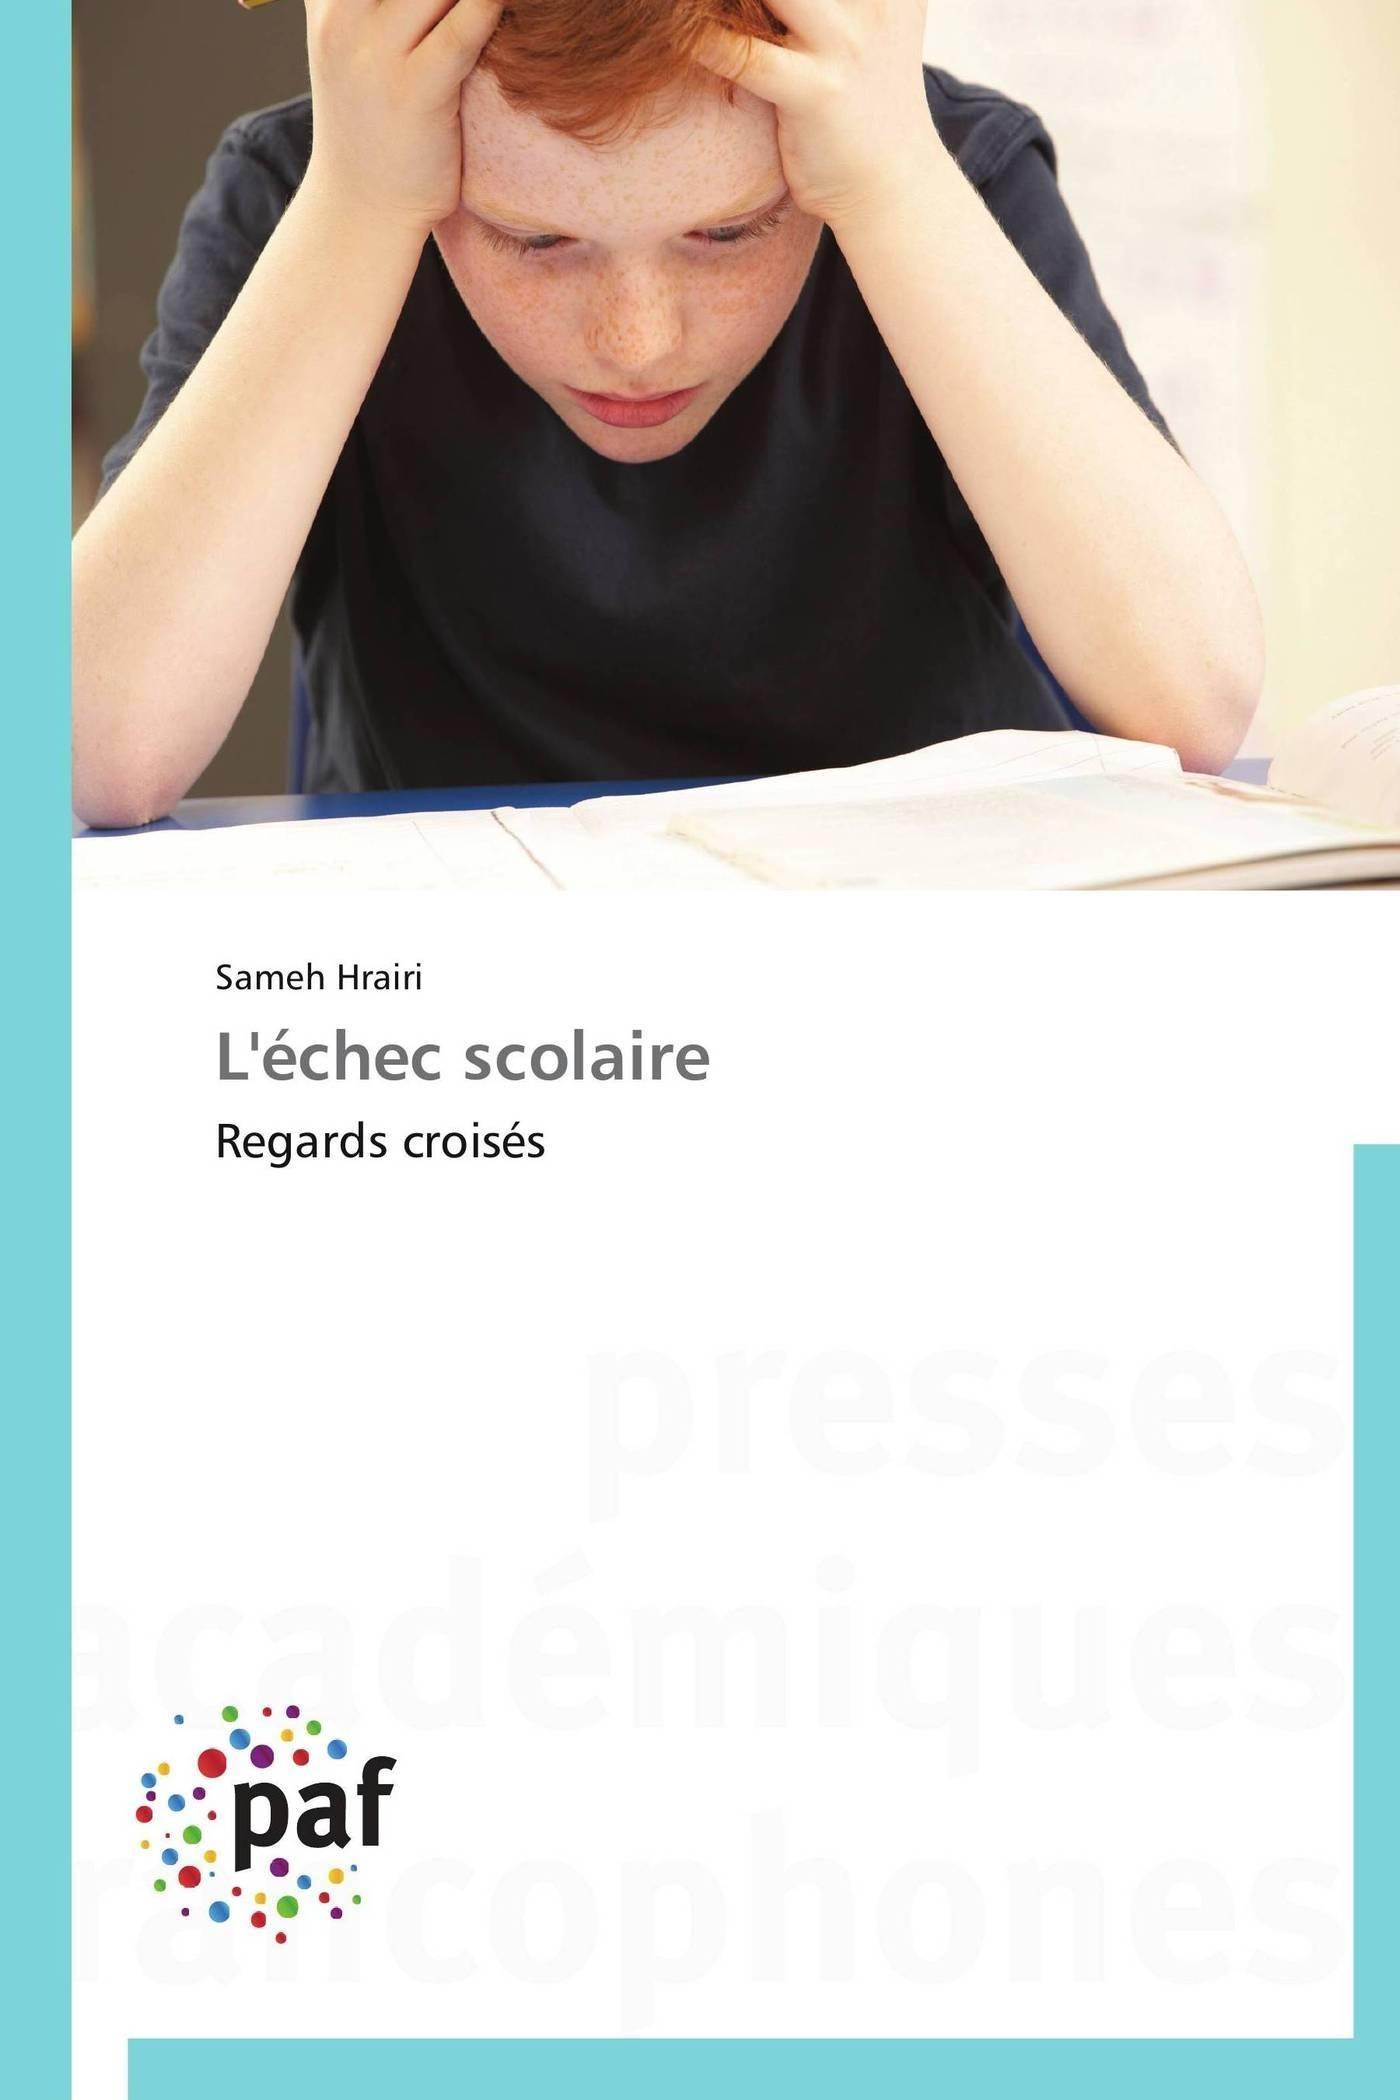 L'ECHEC SCOLAIRE